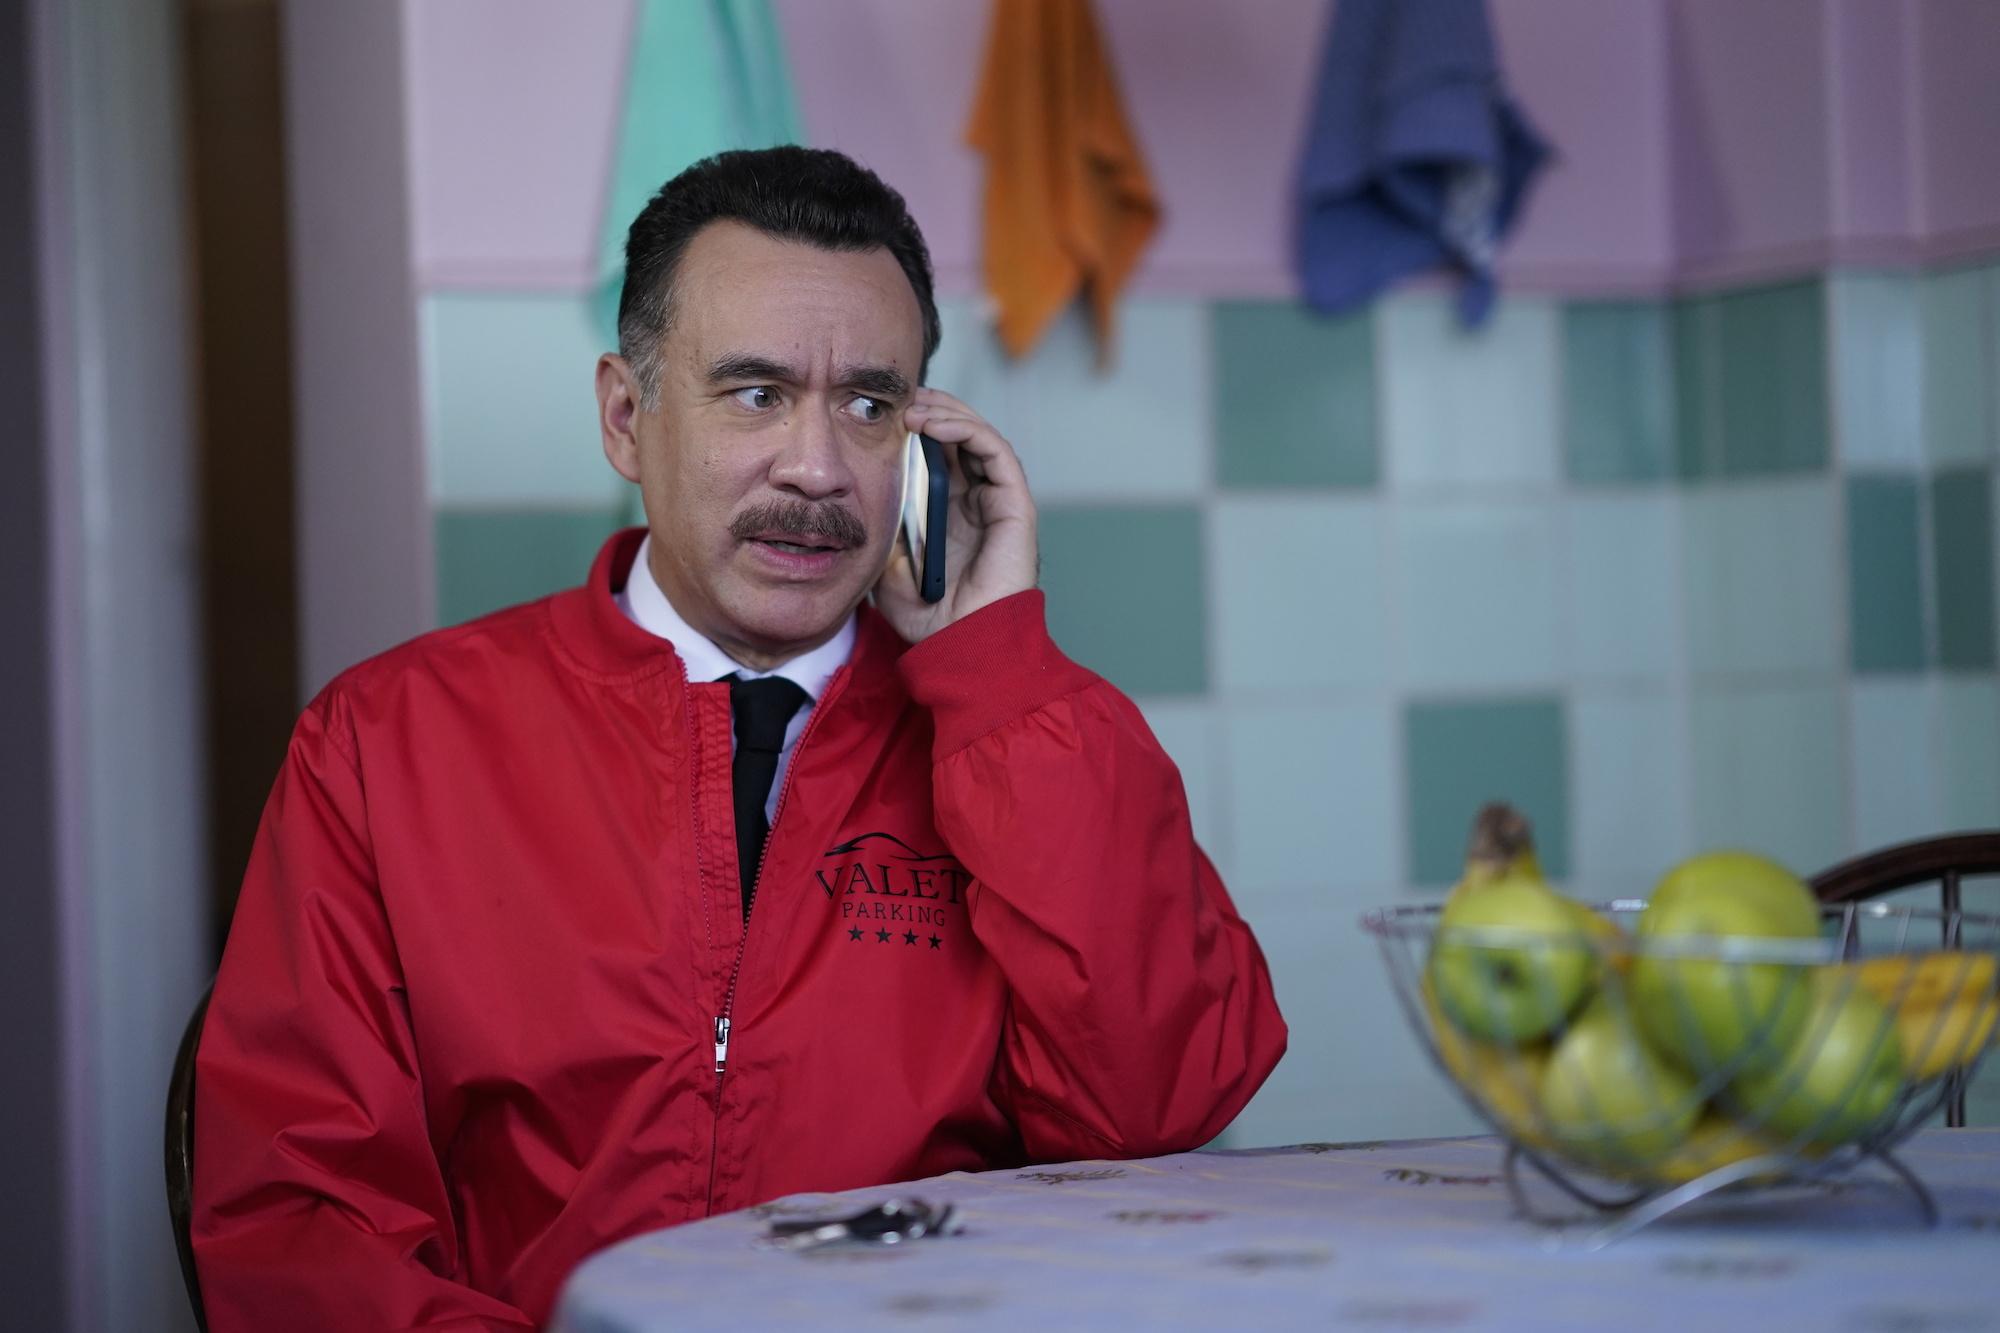 Los Espookys HBO Fred Armisen